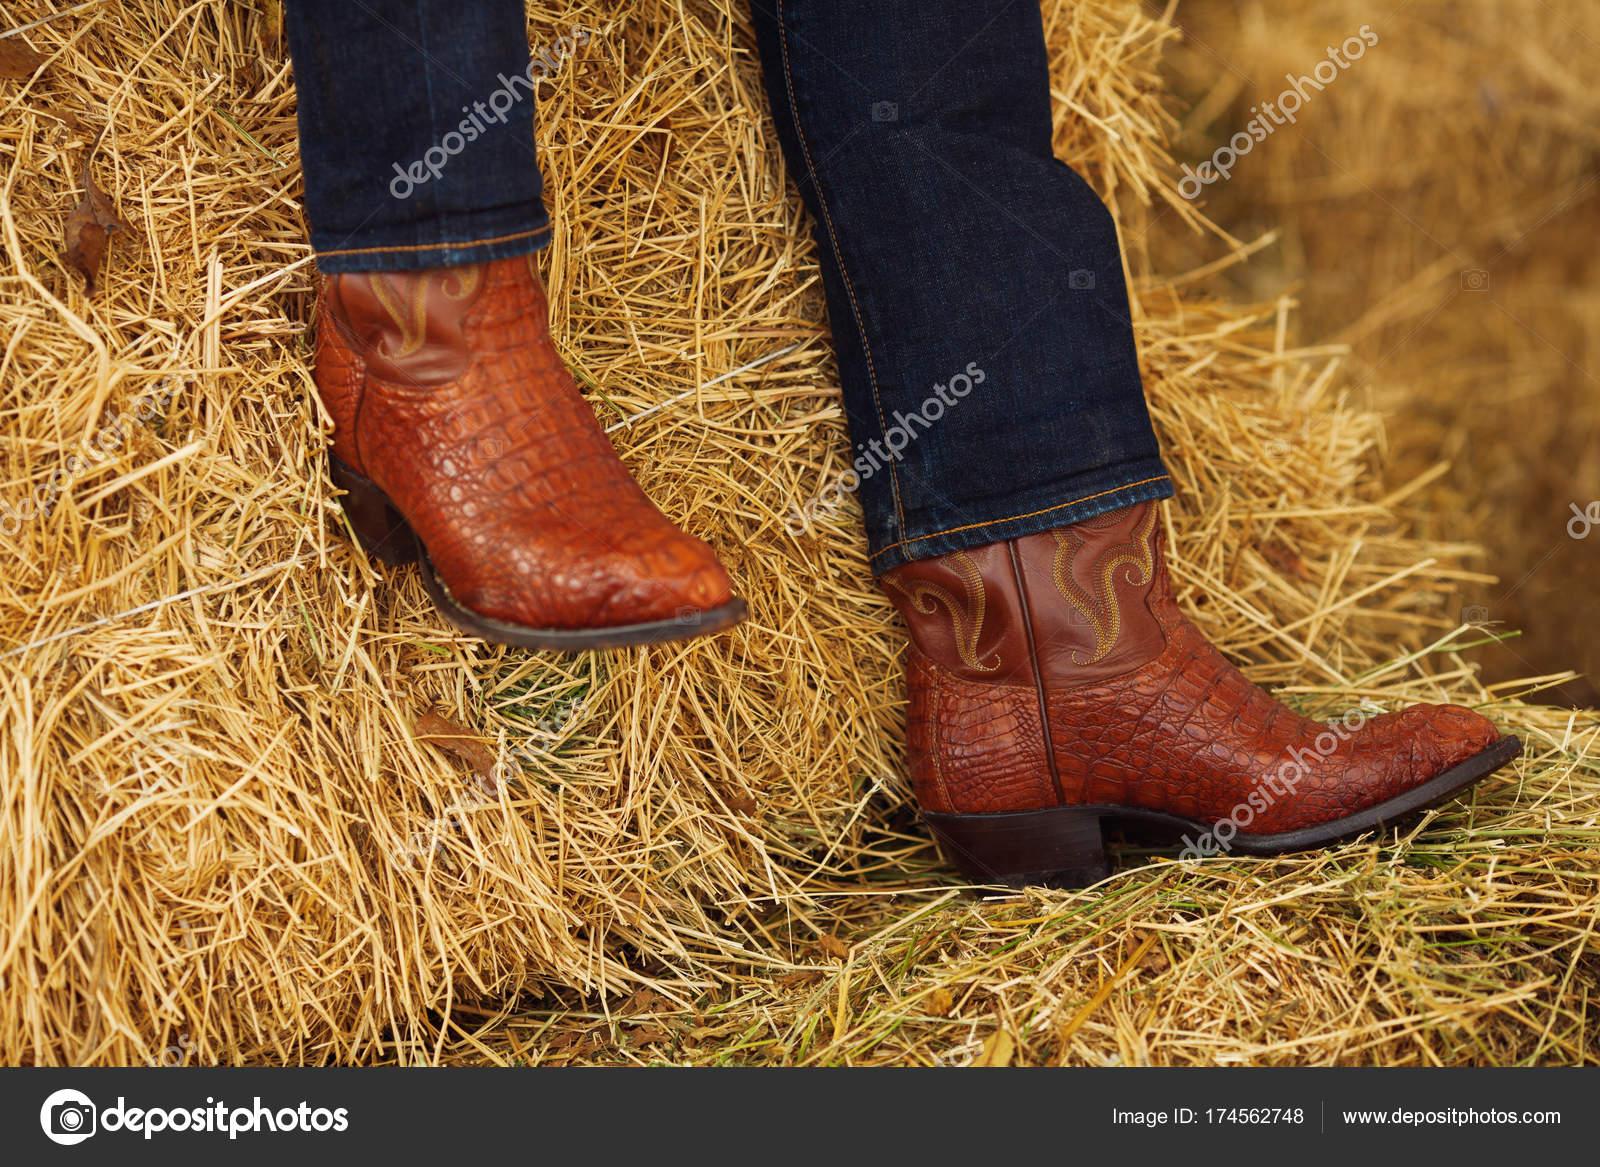 78123da89 Concepto de rodeo del oeste americano. Hombre en vaqueros y botas de cowboy  de cuero tradicional sentado en balas de heno. Estilo retro. De cerca.